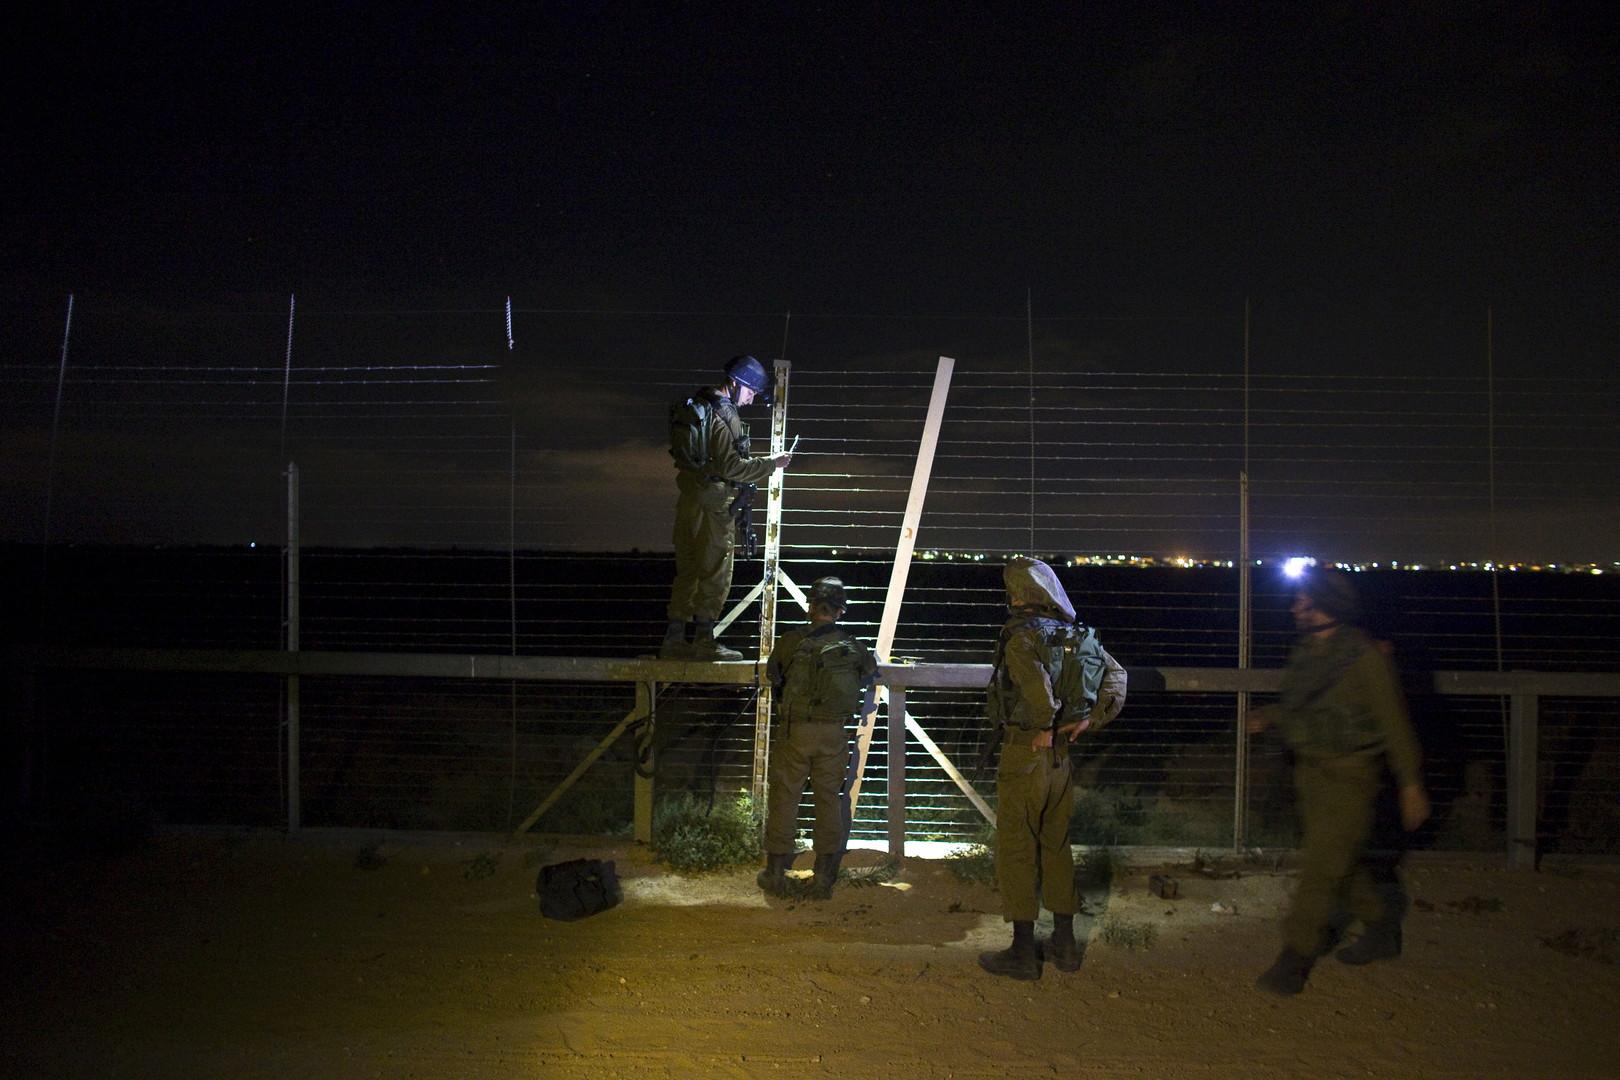 مصادر أمنية إسرائيلية: حماس أنهت حفر أنفاق هجومية باتجاهنا